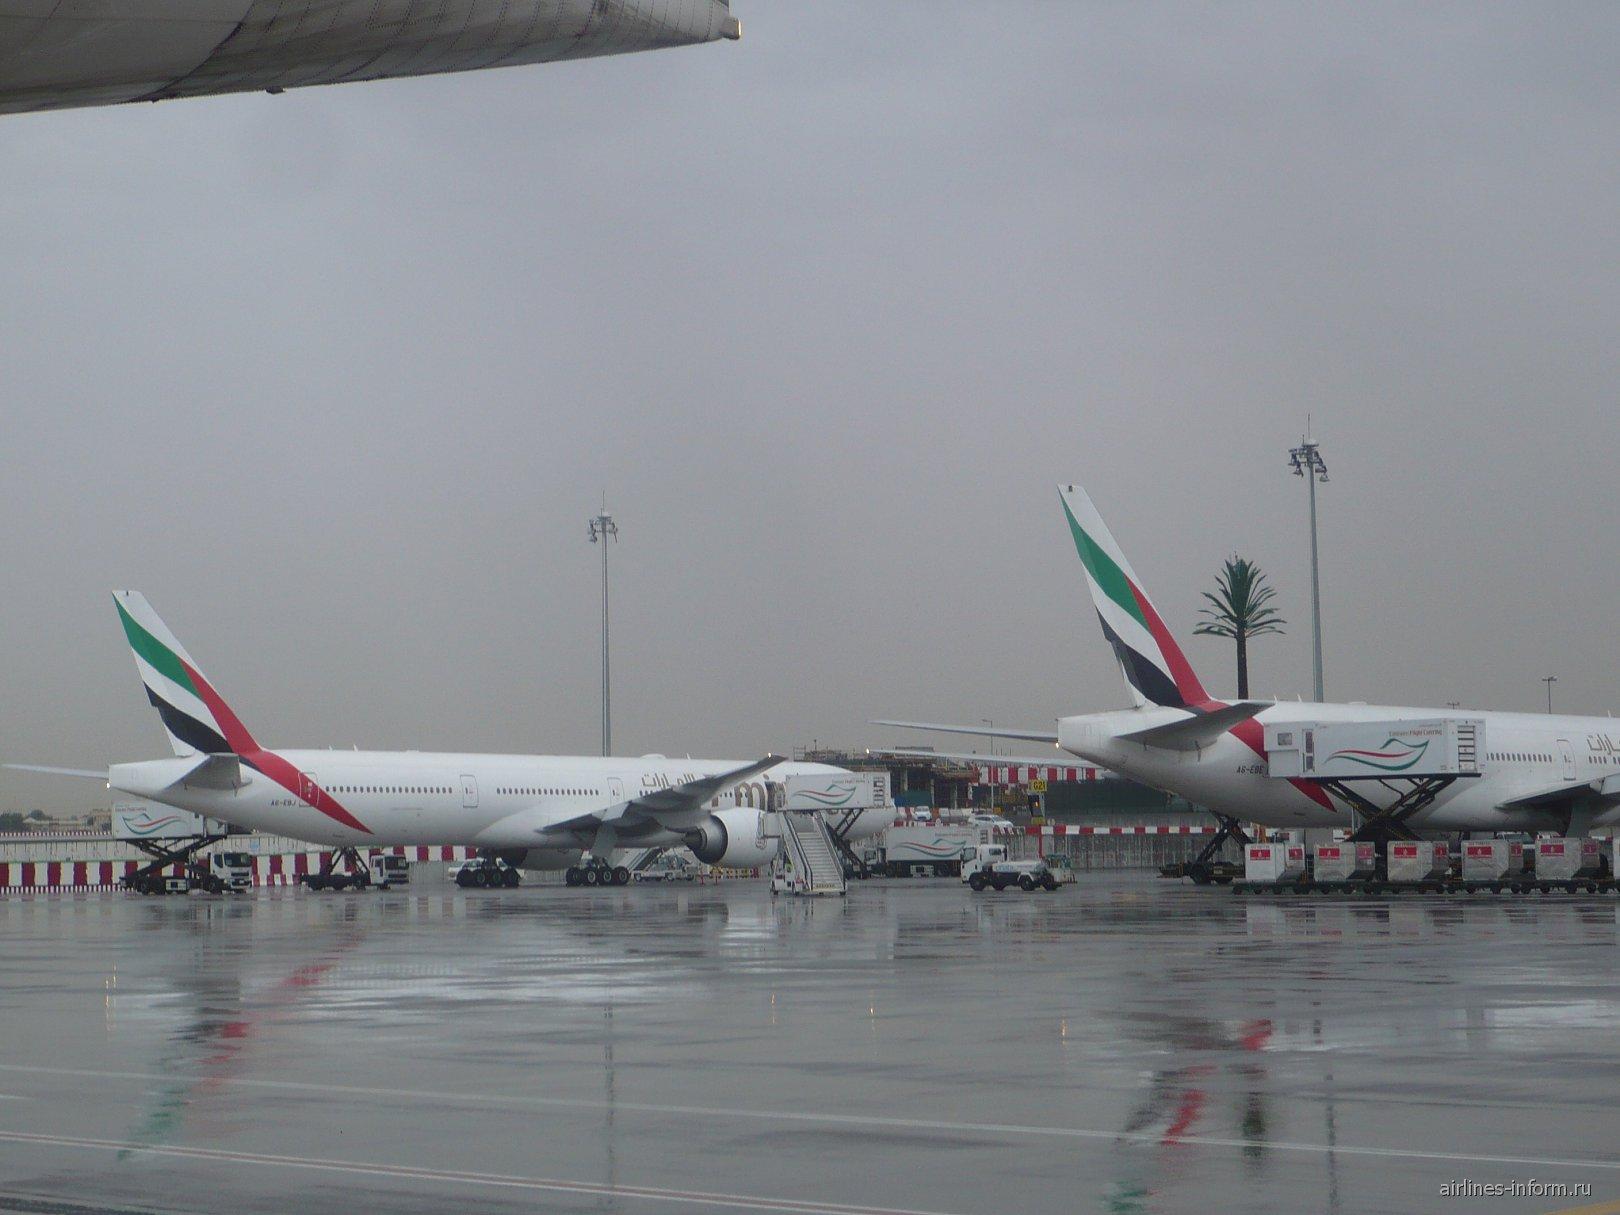 Самолеты Emirates в аэропорту Дубай